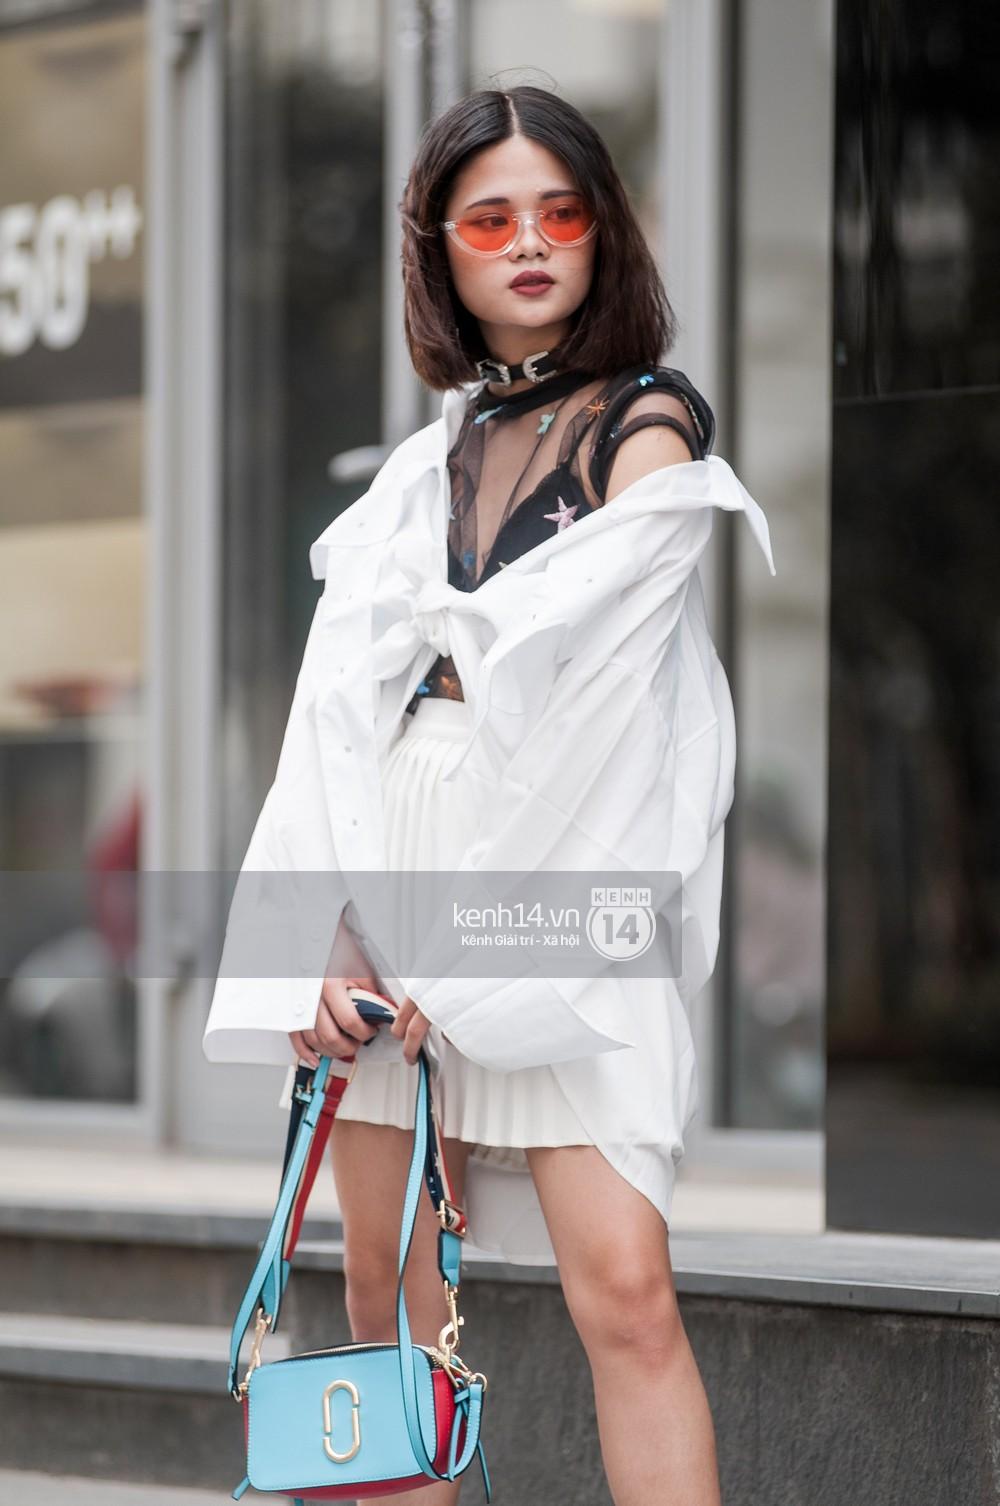 Giới trẻ 2 miền chinh phục loạt hot trend, khoe street style siêu cool và thời thượng - Ảnh 19.